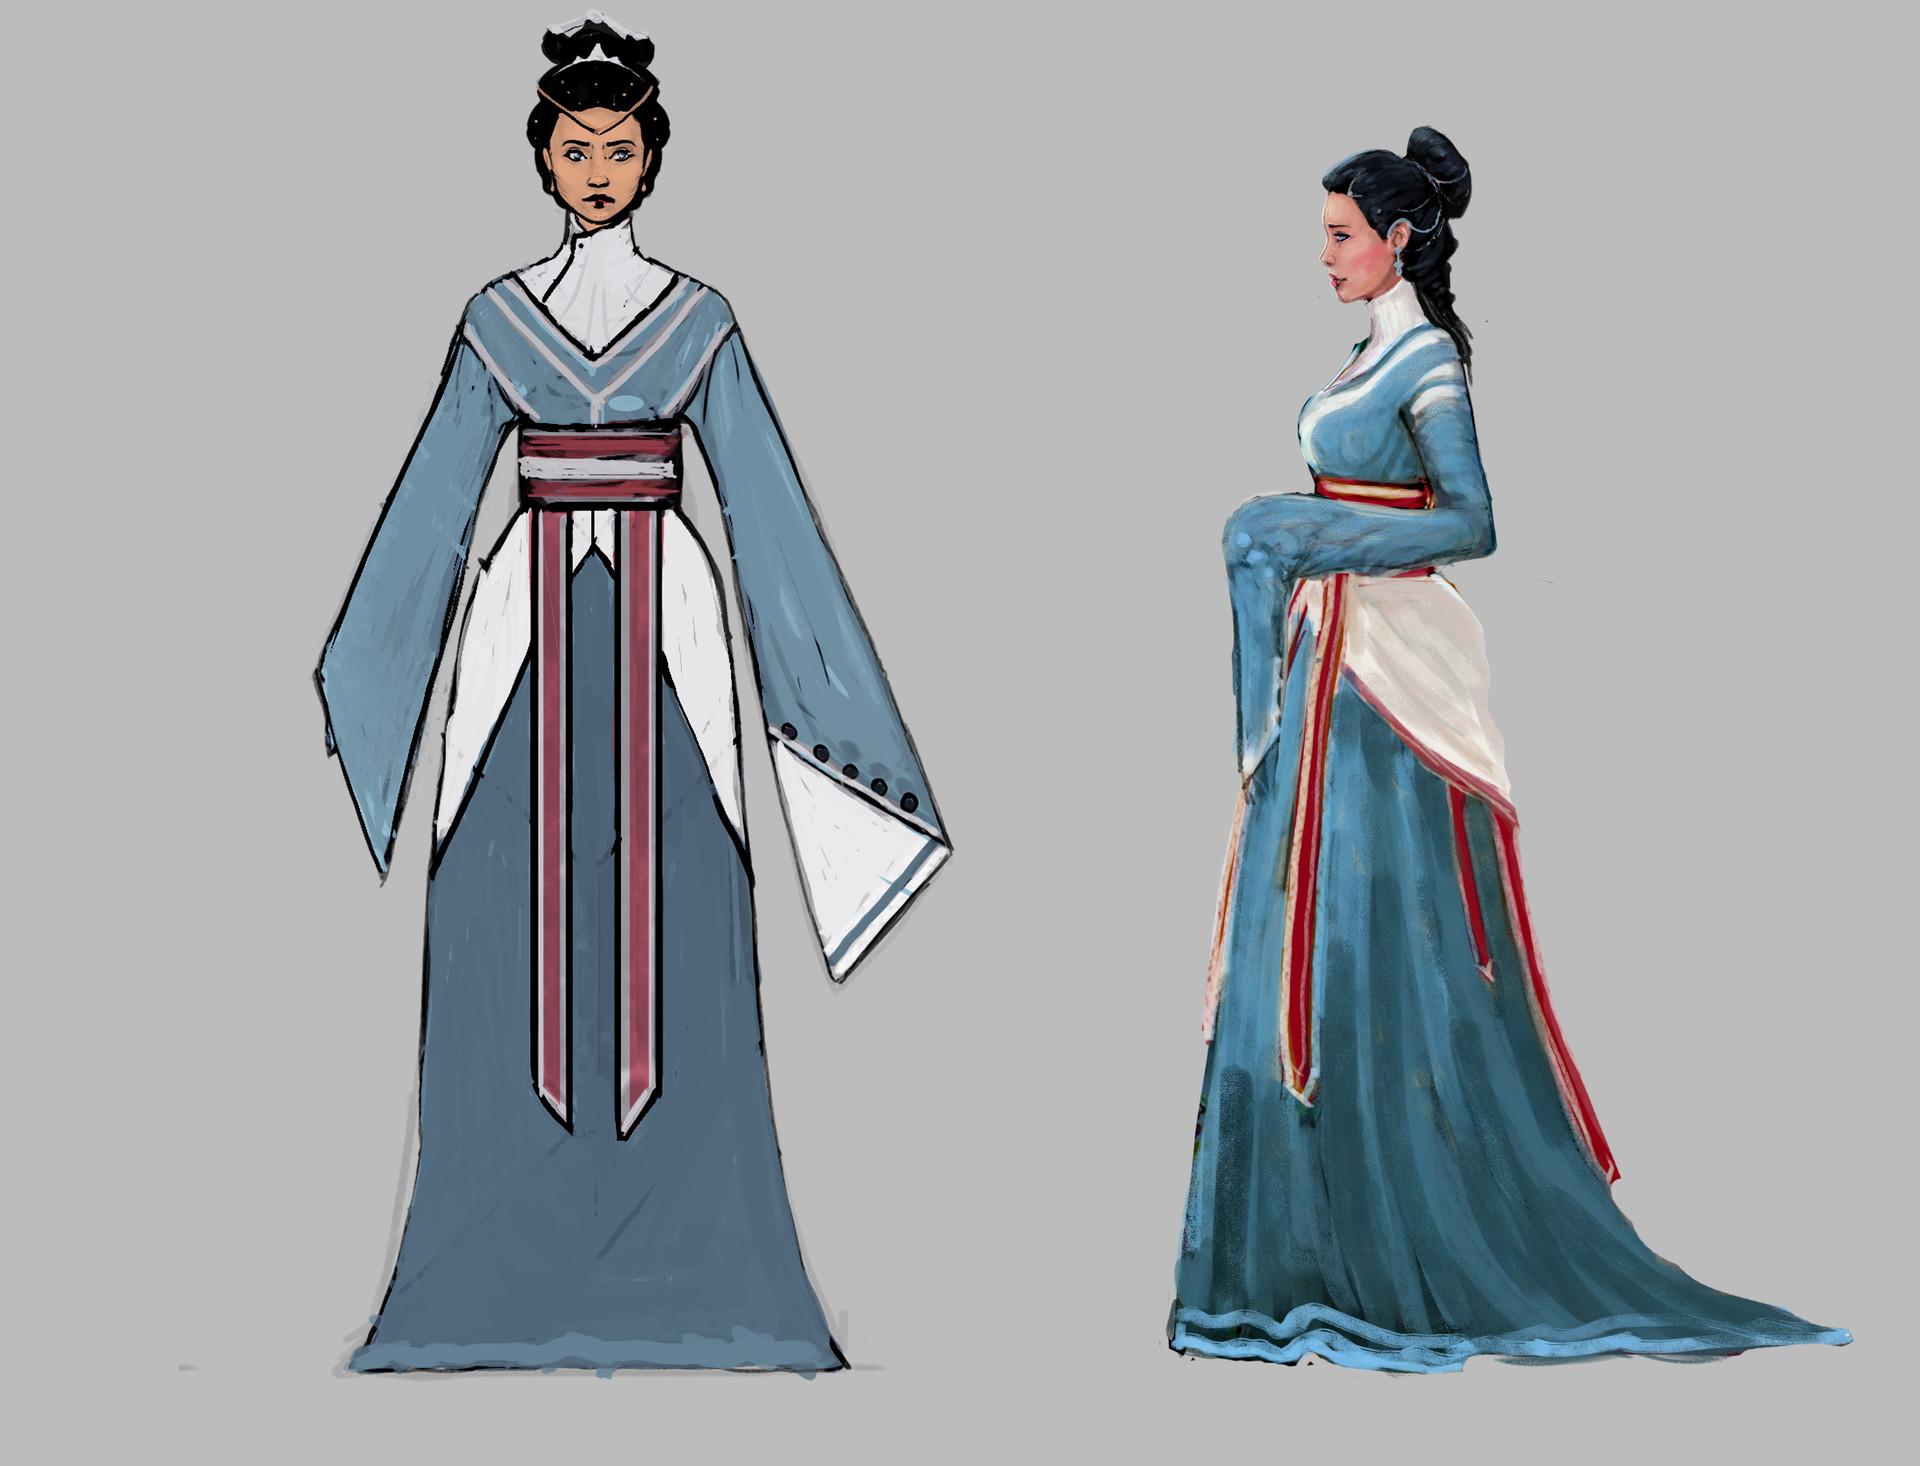 Previous sketches